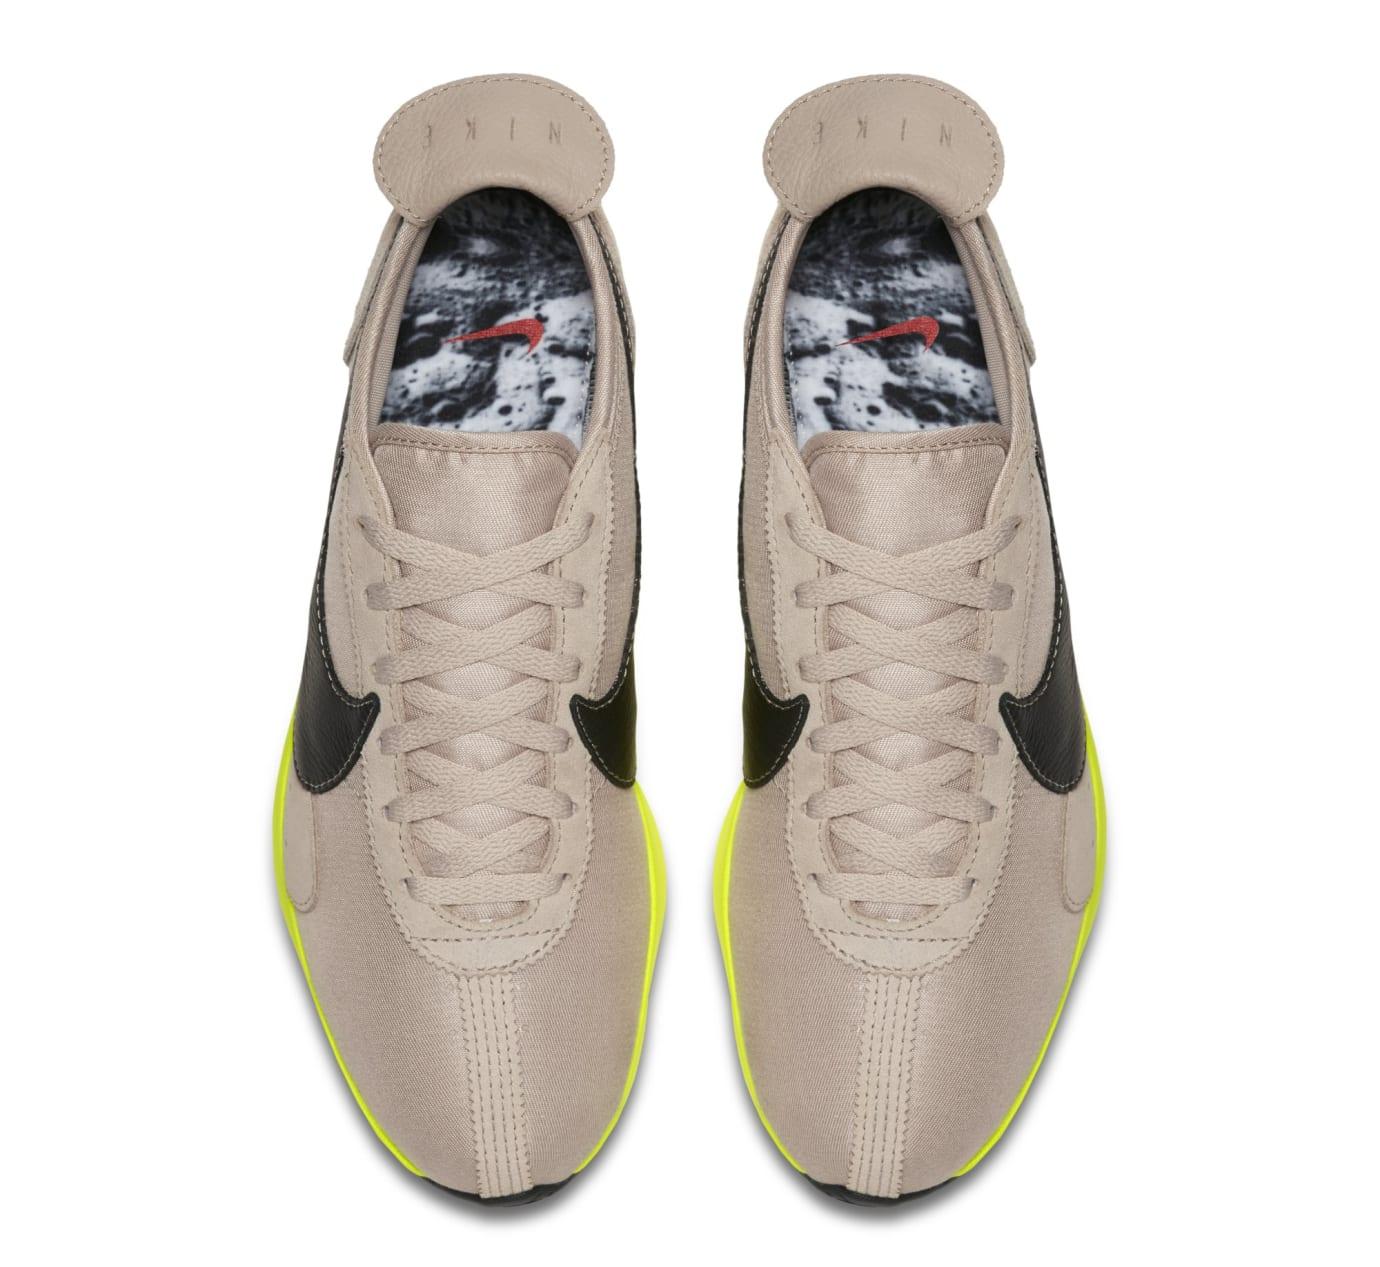 Nike Moon Racer 'Black/Sail/Volt' AQ4121-200 (Top)